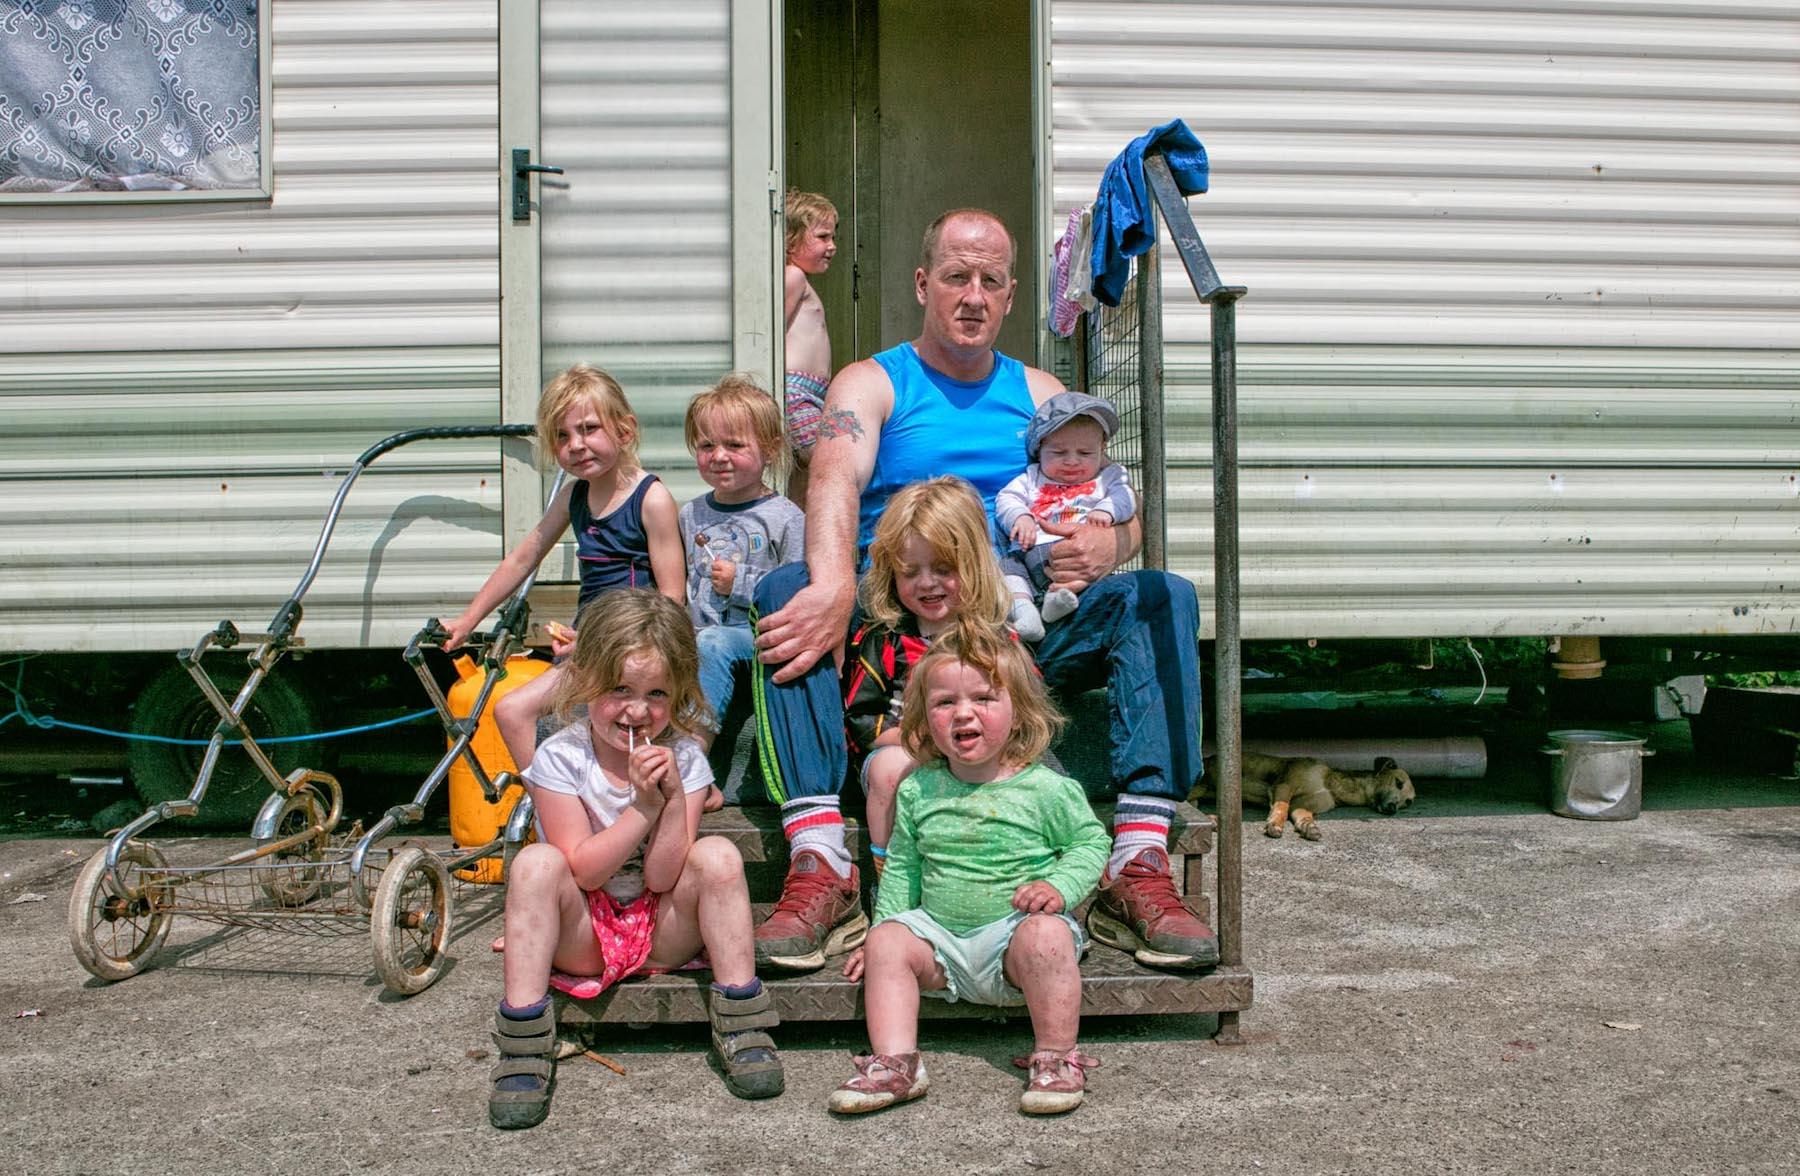 MicheleZousmer-Hidden In Plain View. Irish Traveller family living on side of road. 1.jpg